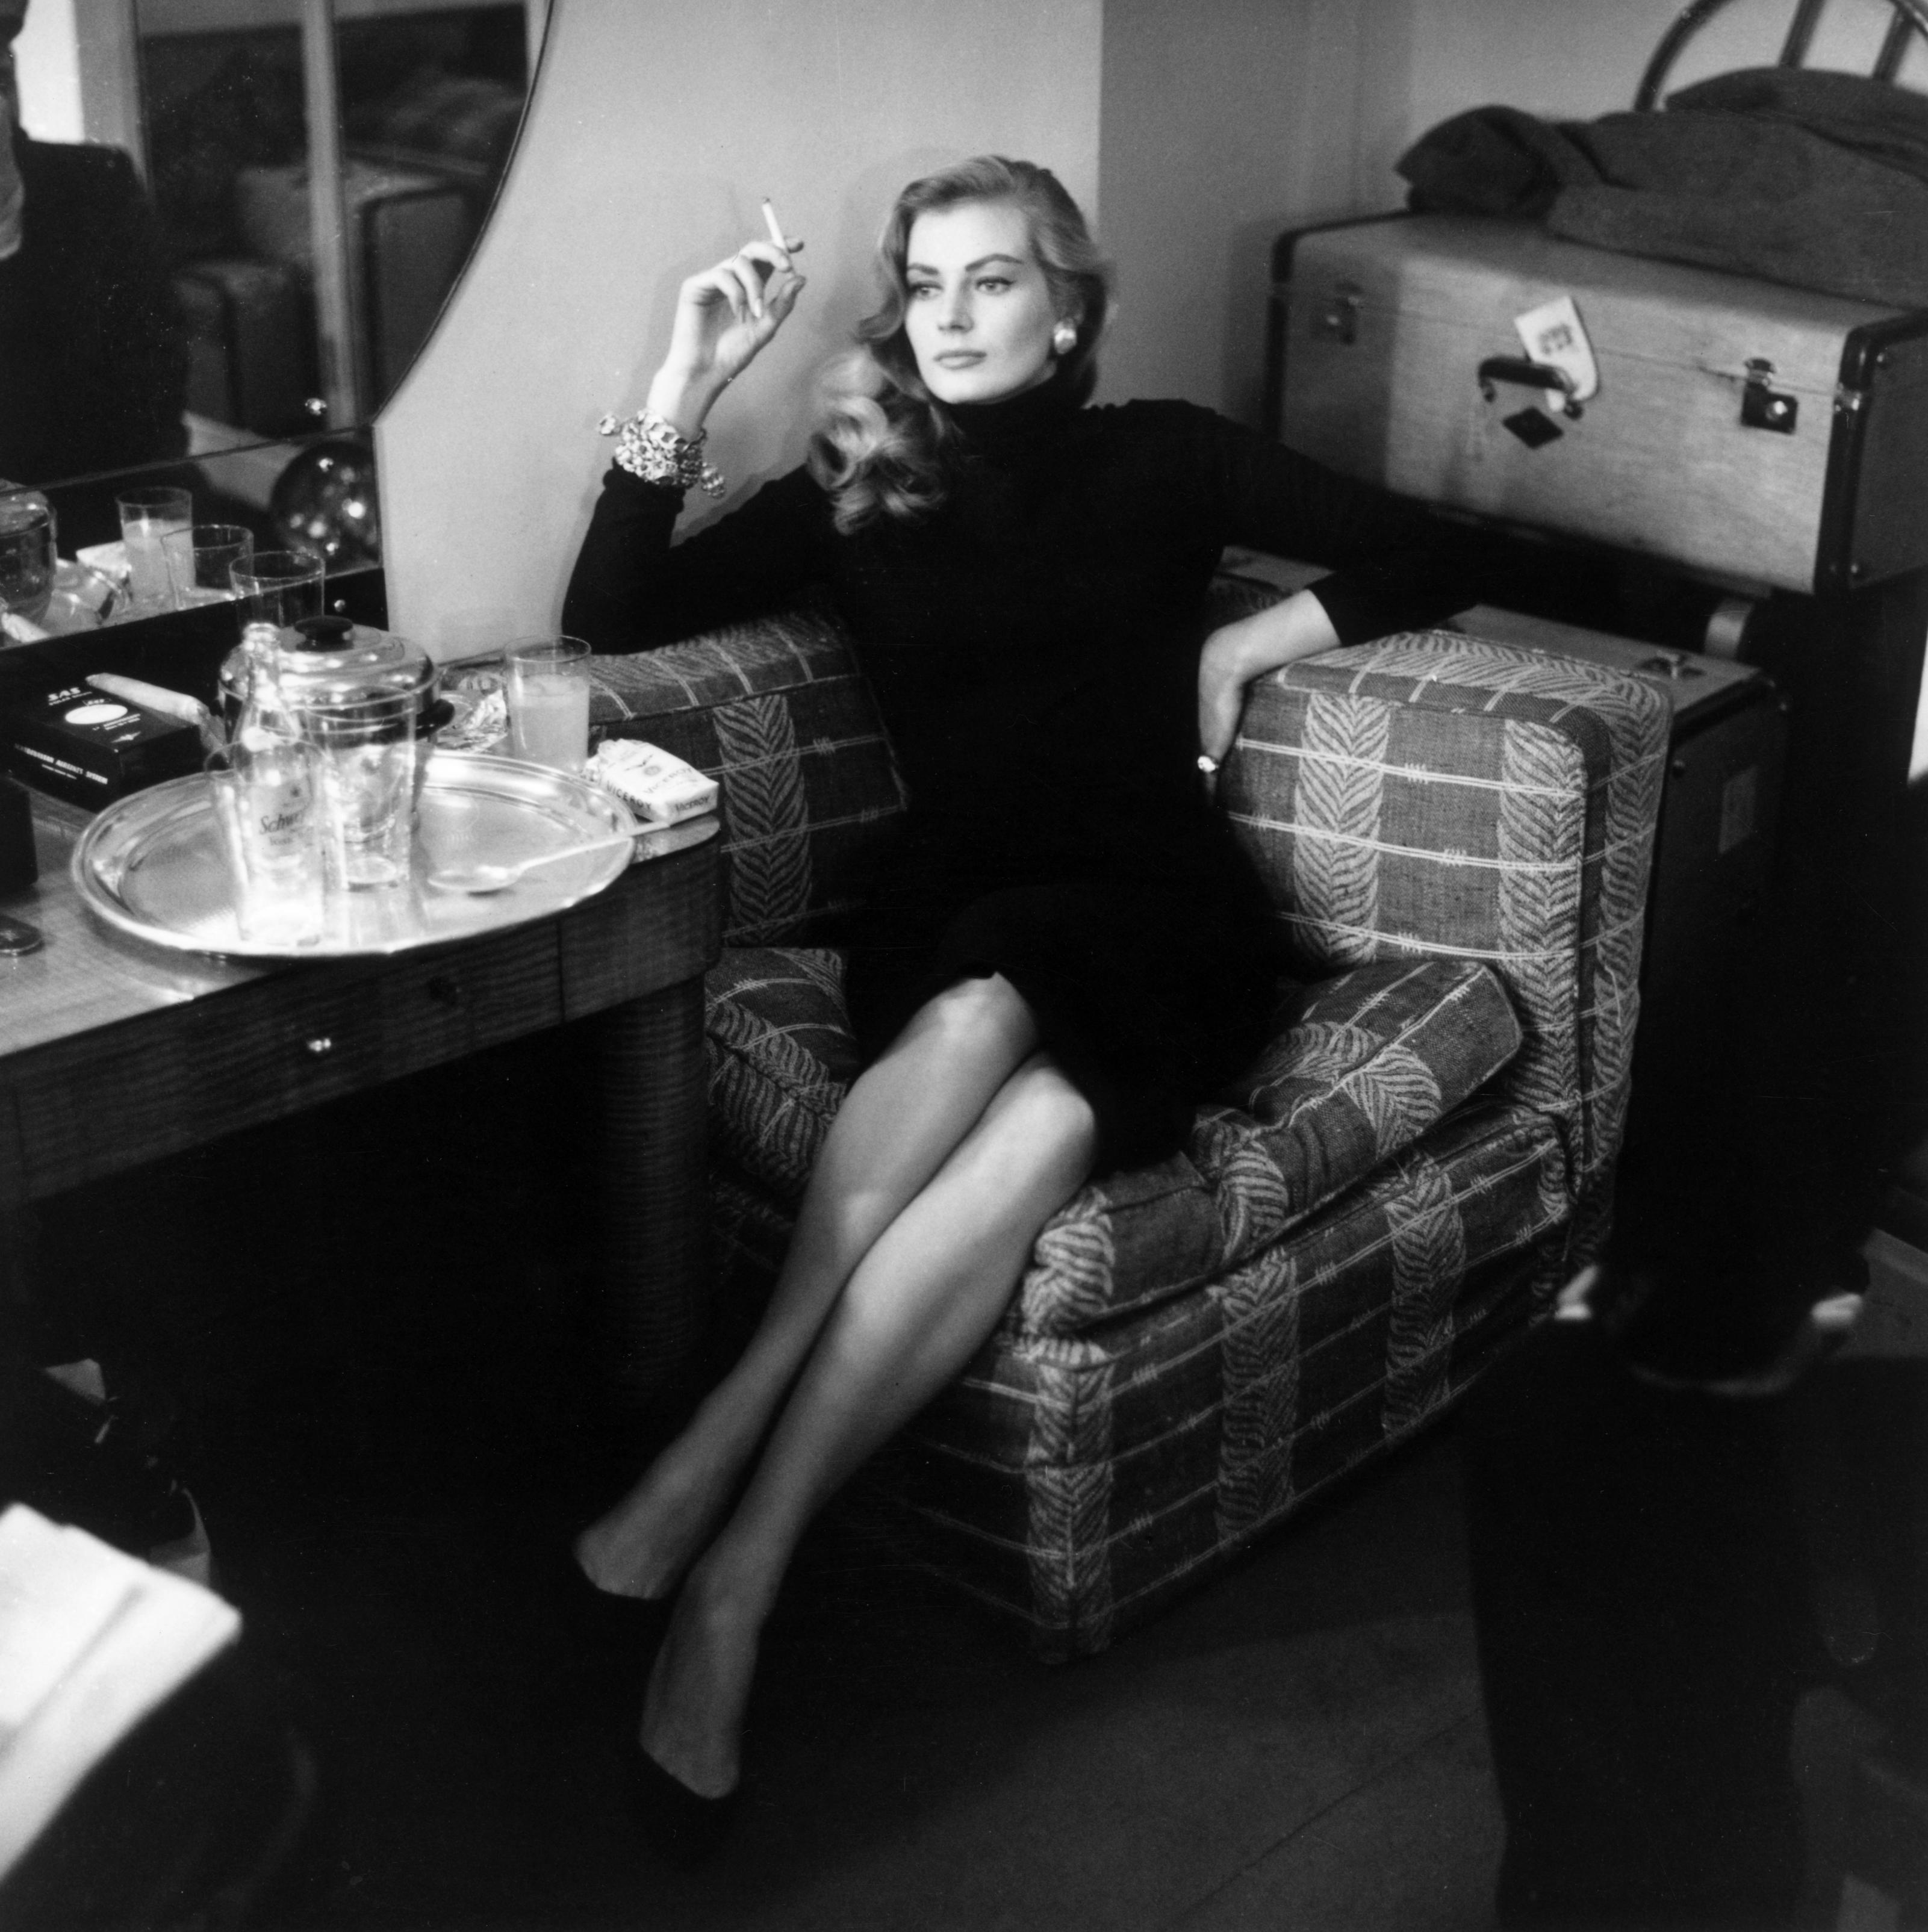 """Анита е родена на 29 септември 1931 г. в град Малмьо, Швеция в семейство от общо осем деца. Артистична още от дете, Анита успява да сбъдне мечтата си.През 1951 г. печели конкурса """"Мис Швеция"""". Традиционно, всяка девойка спечелила конкурса отива и на""""Мис Вселена""""."""